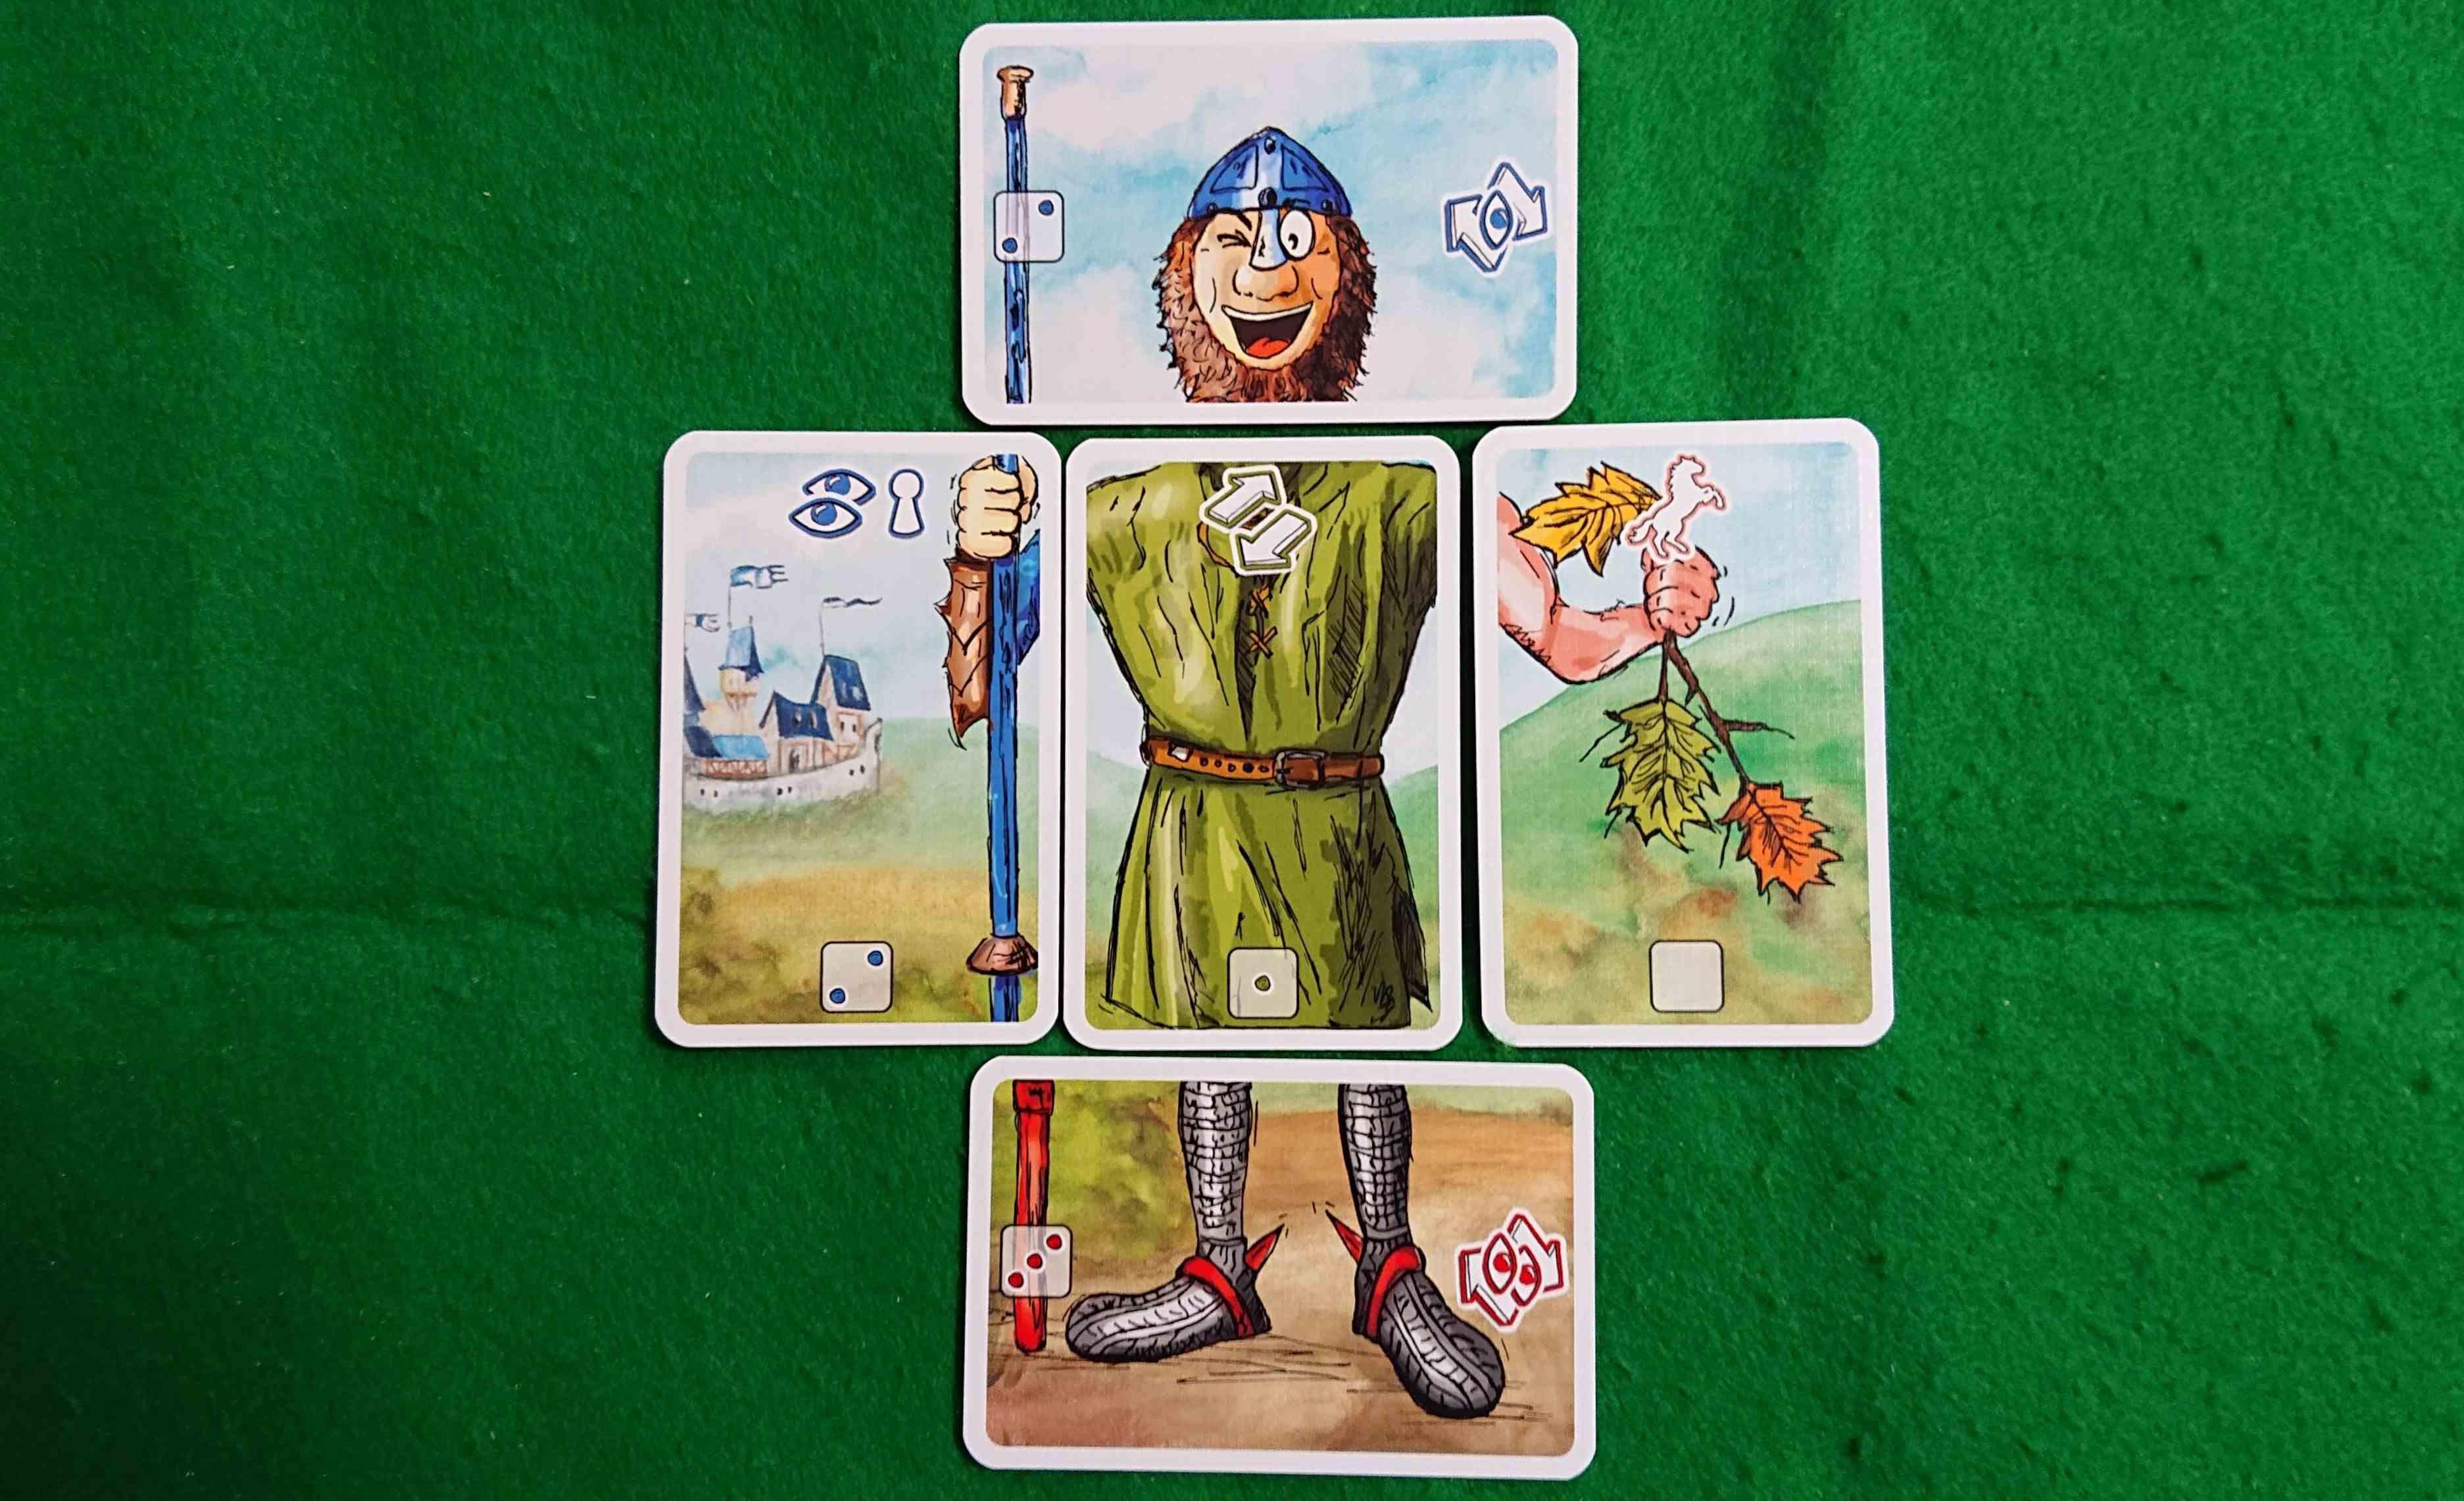 ランスロット いつ戦うの?!今でしょ! 皆で楽しむパーティ系カードゲーム  ボードゲーム